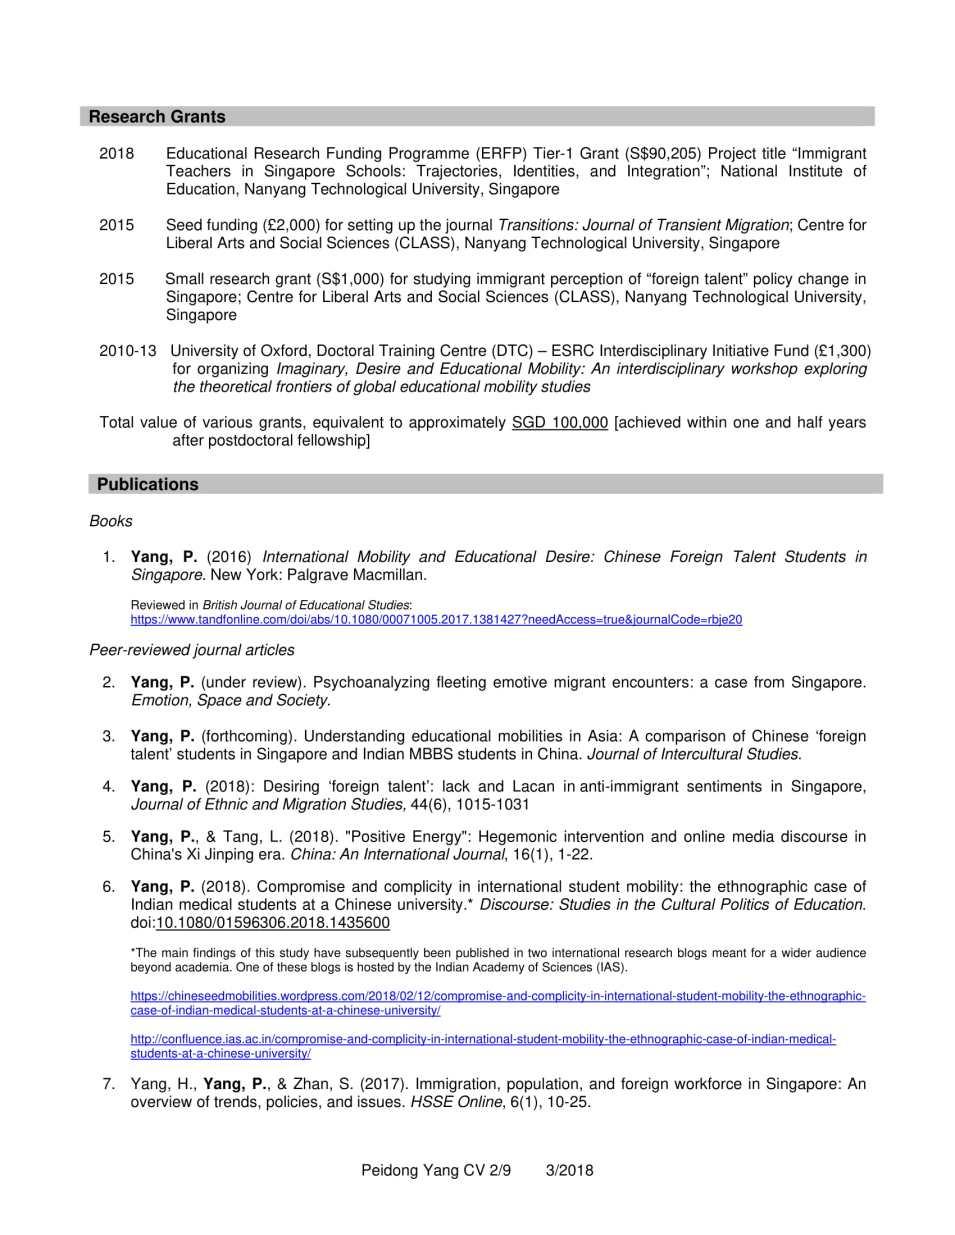 CV YANG Peidong_3.2018-2